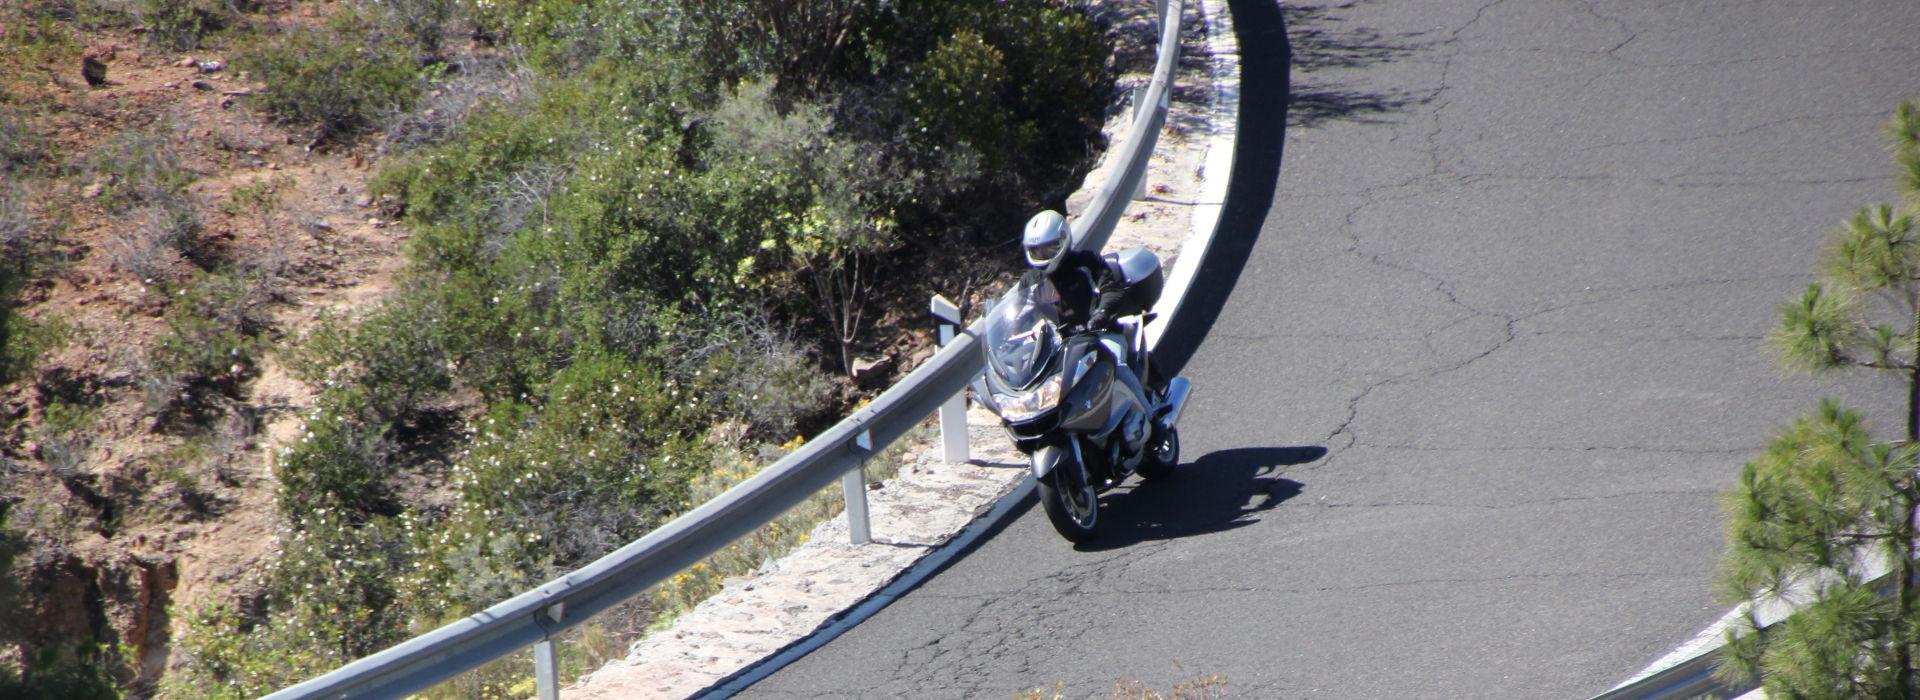 Motorrijbewijspoint Treebeek spoed motorrijbewijs